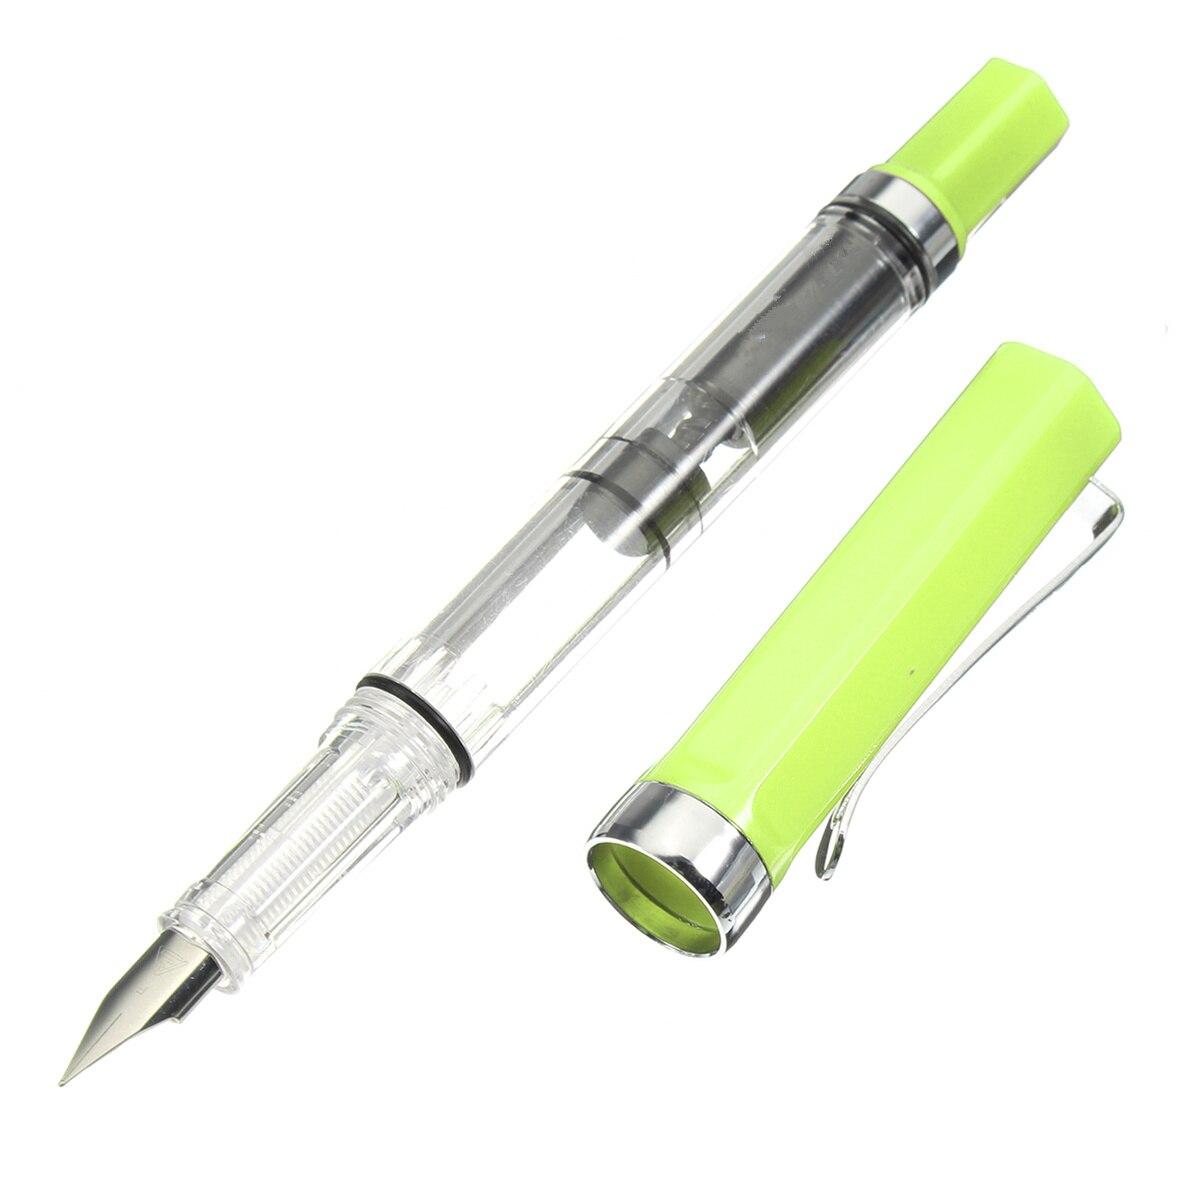 Kicute 4 шт./лот 0.38/0.5 мм тонкий наконечник спираль желчного пузыря Перьевые ручки Школа канцелярских принадлежности для студентов подарки